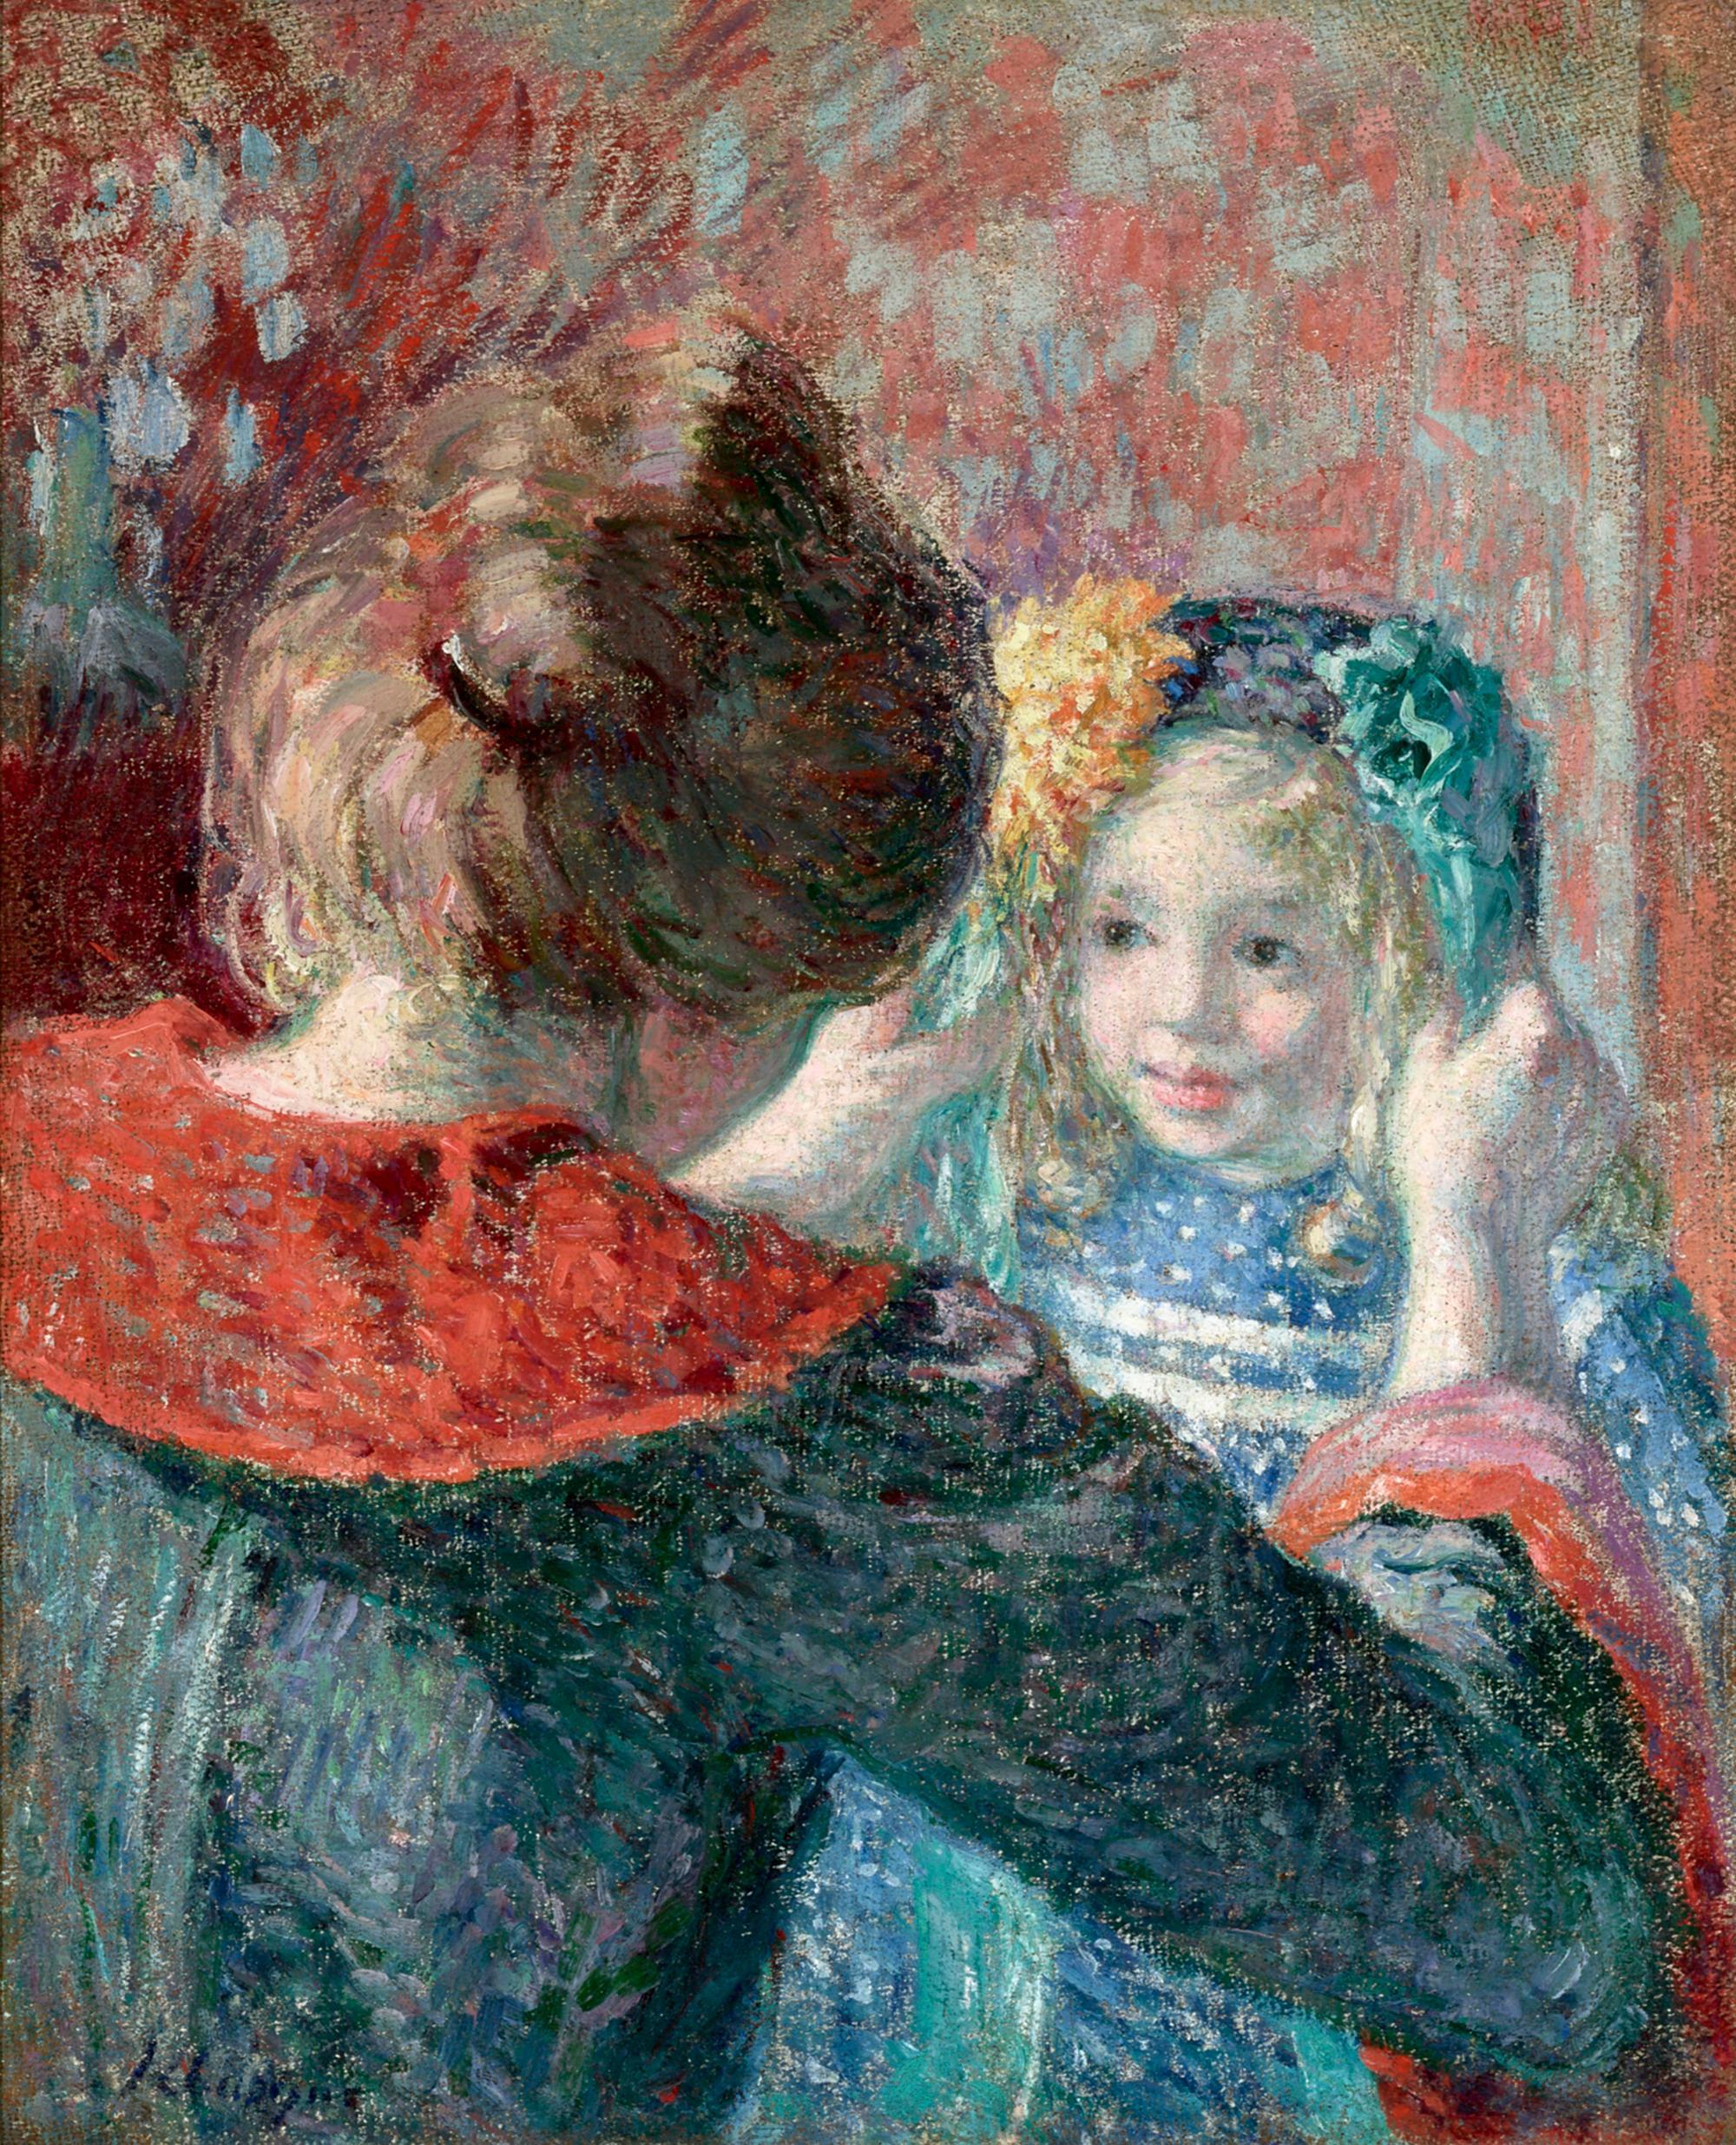 Madame Lebasque et sa fille Marthe (Madame Lebasque and her Daughter Marthe)